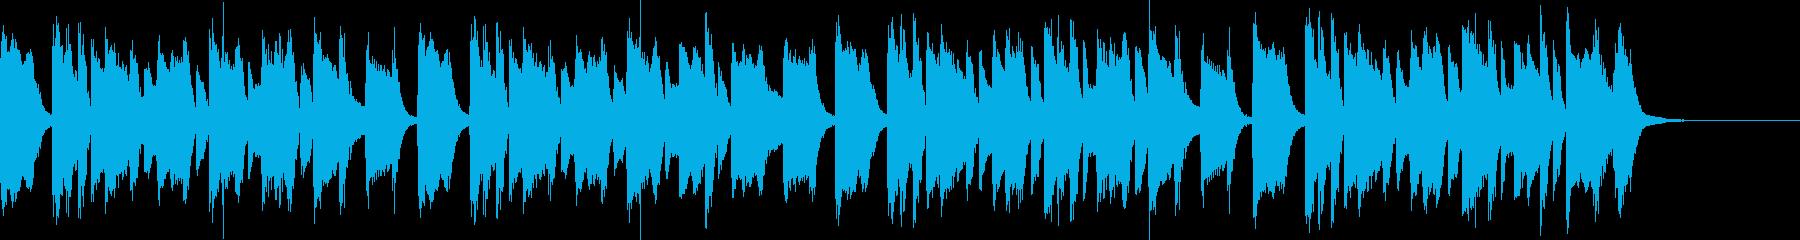 日常、軽快でシンプルなピアノフレーズの再生済みの波形